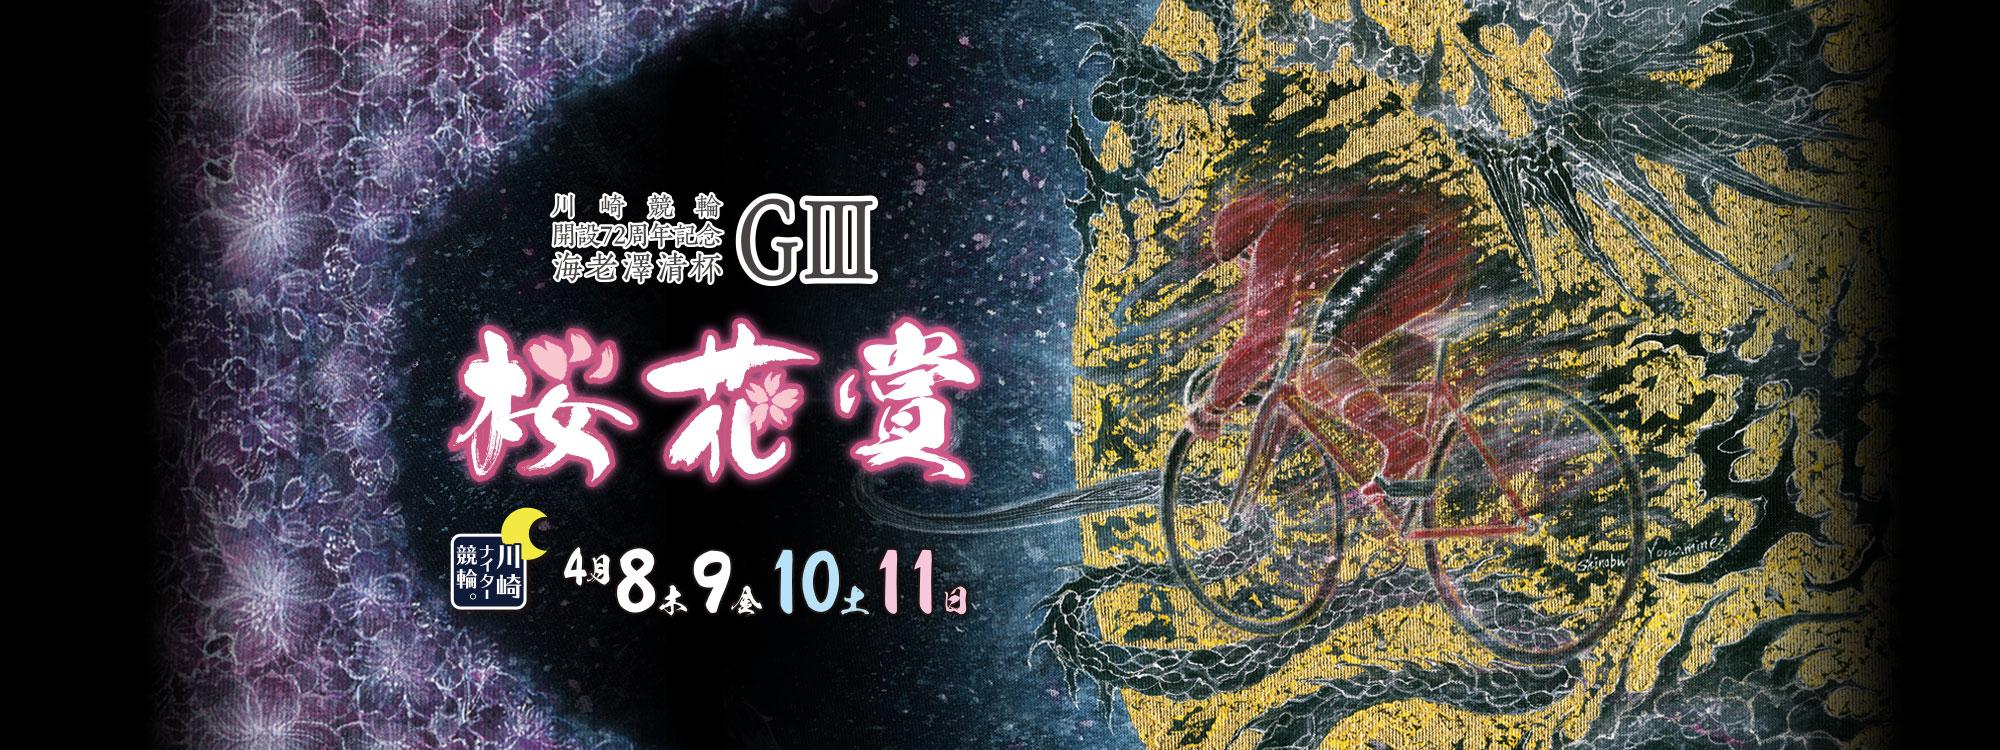 川崎競輪(G3) 桜花賞・海老澤清杯